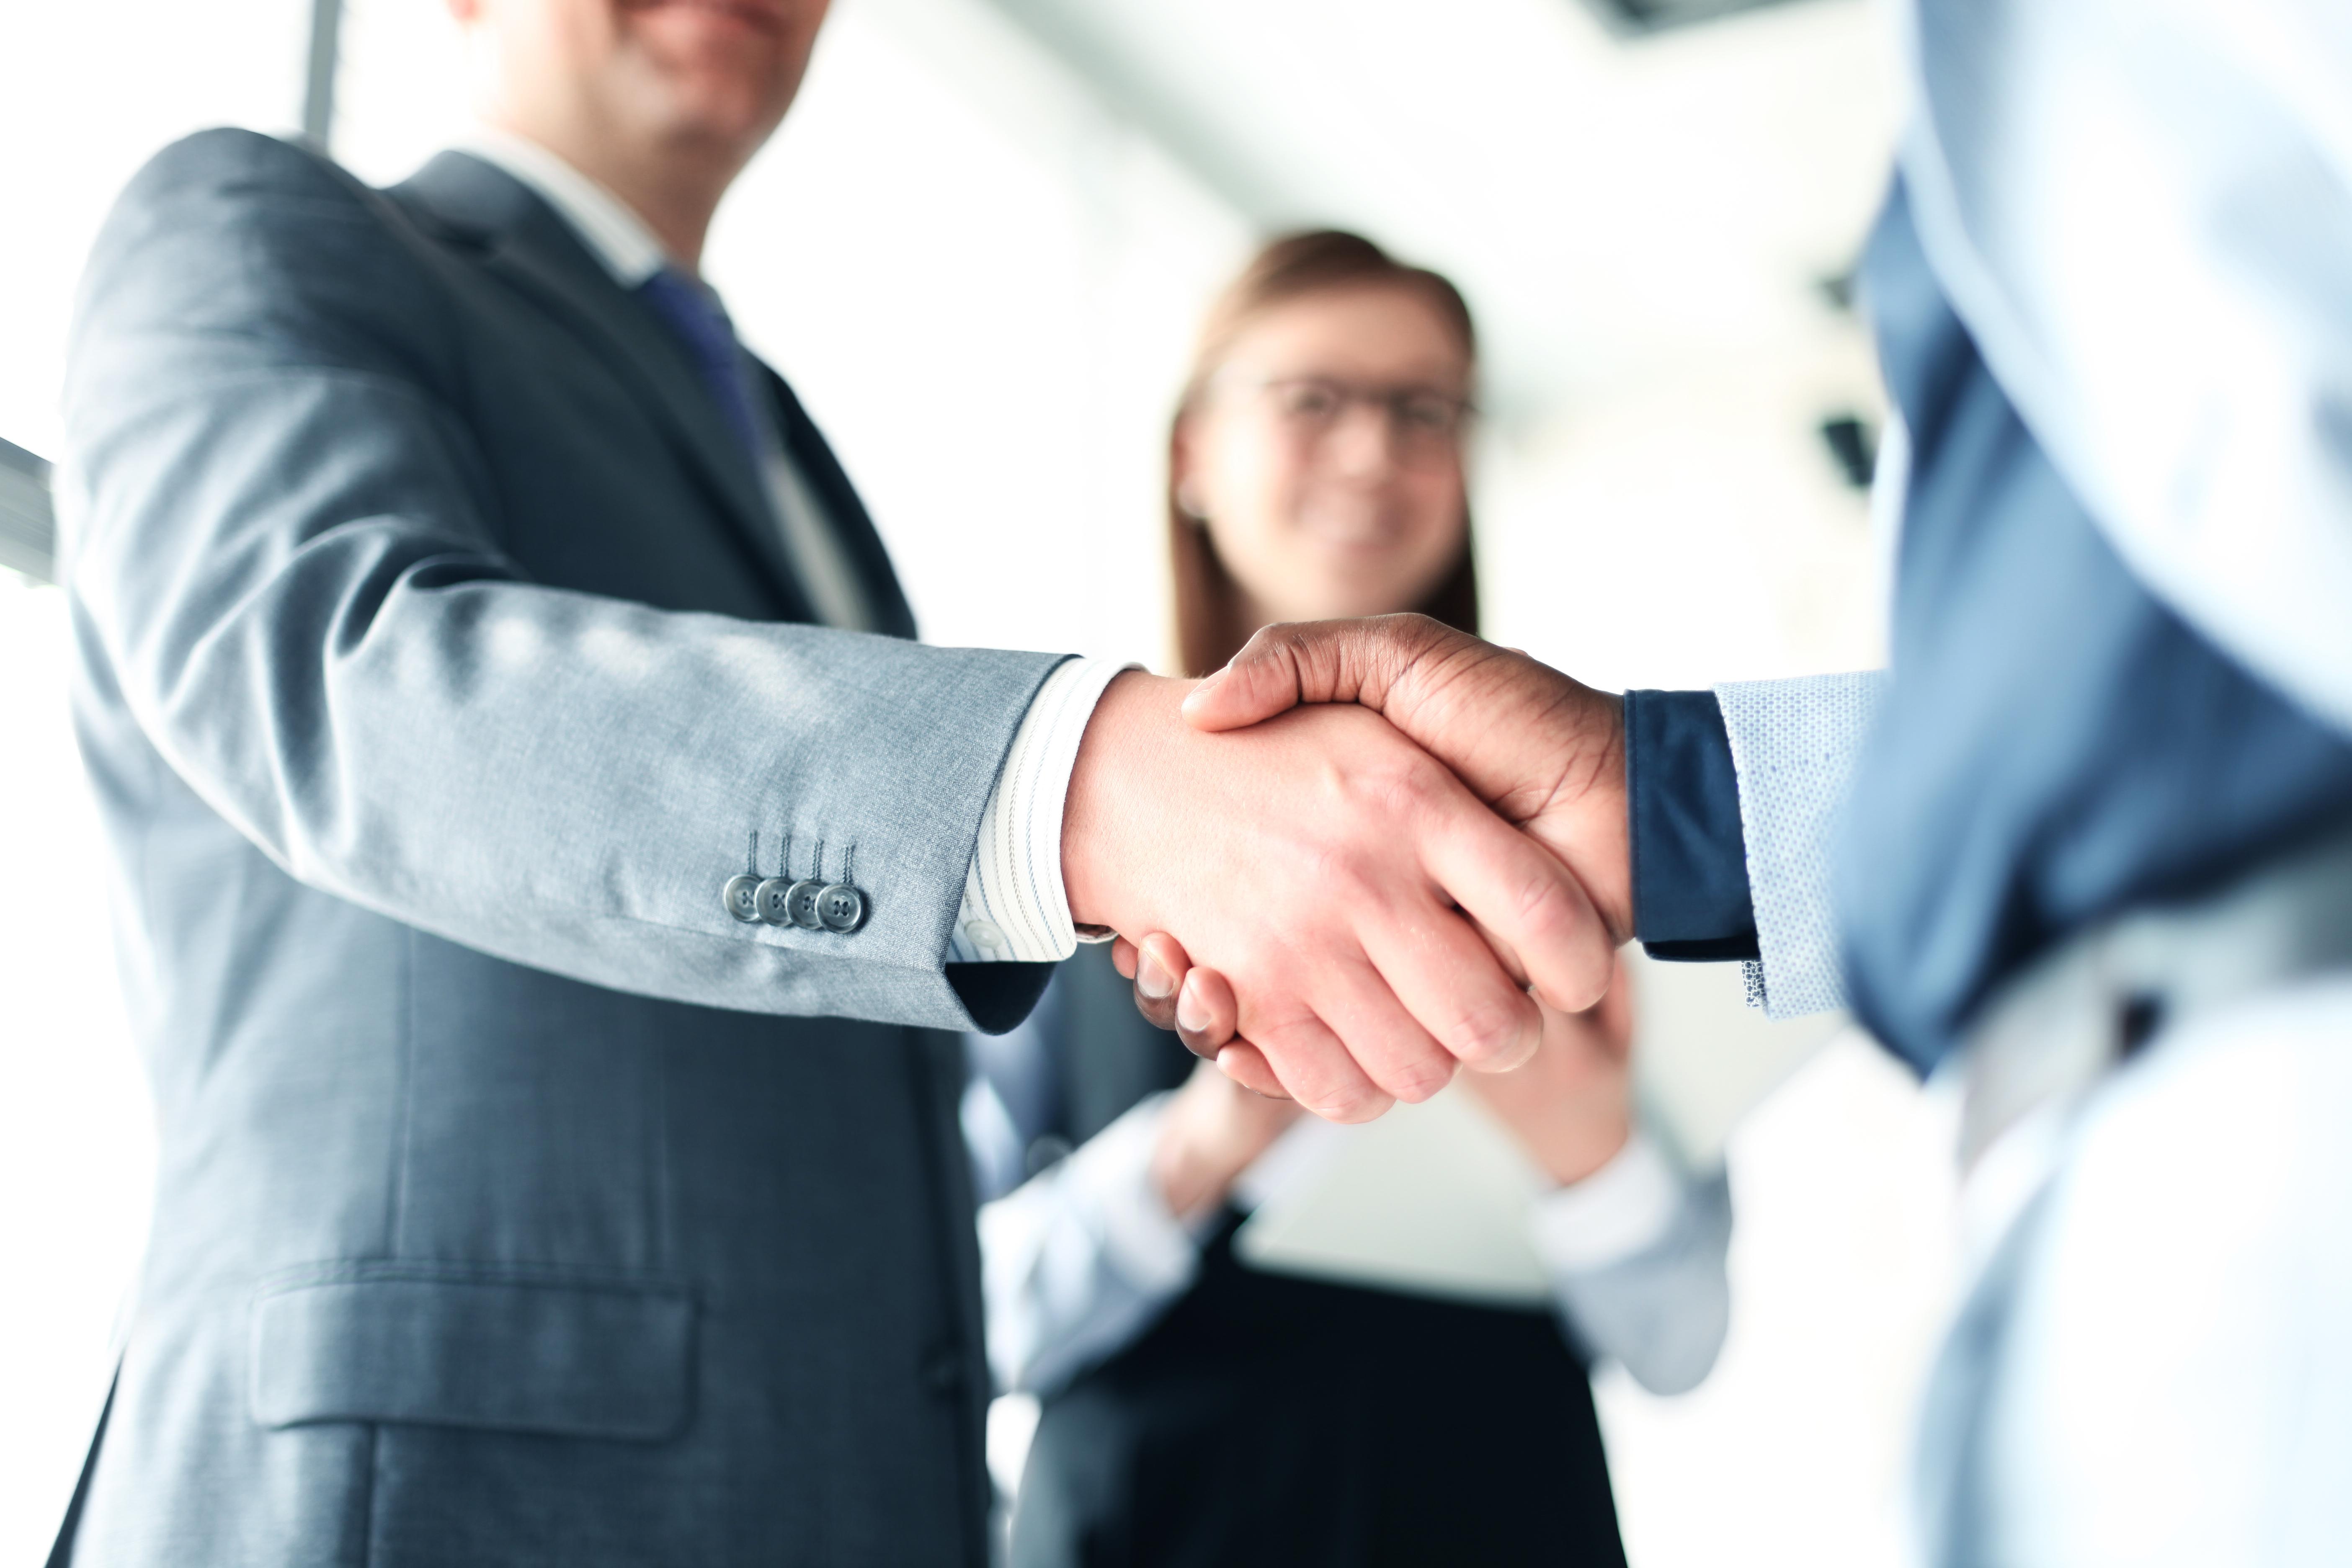 Cadastro de Clientes: como fidelizar seus clientes com um atendimento personalizado e gerar mais lucros